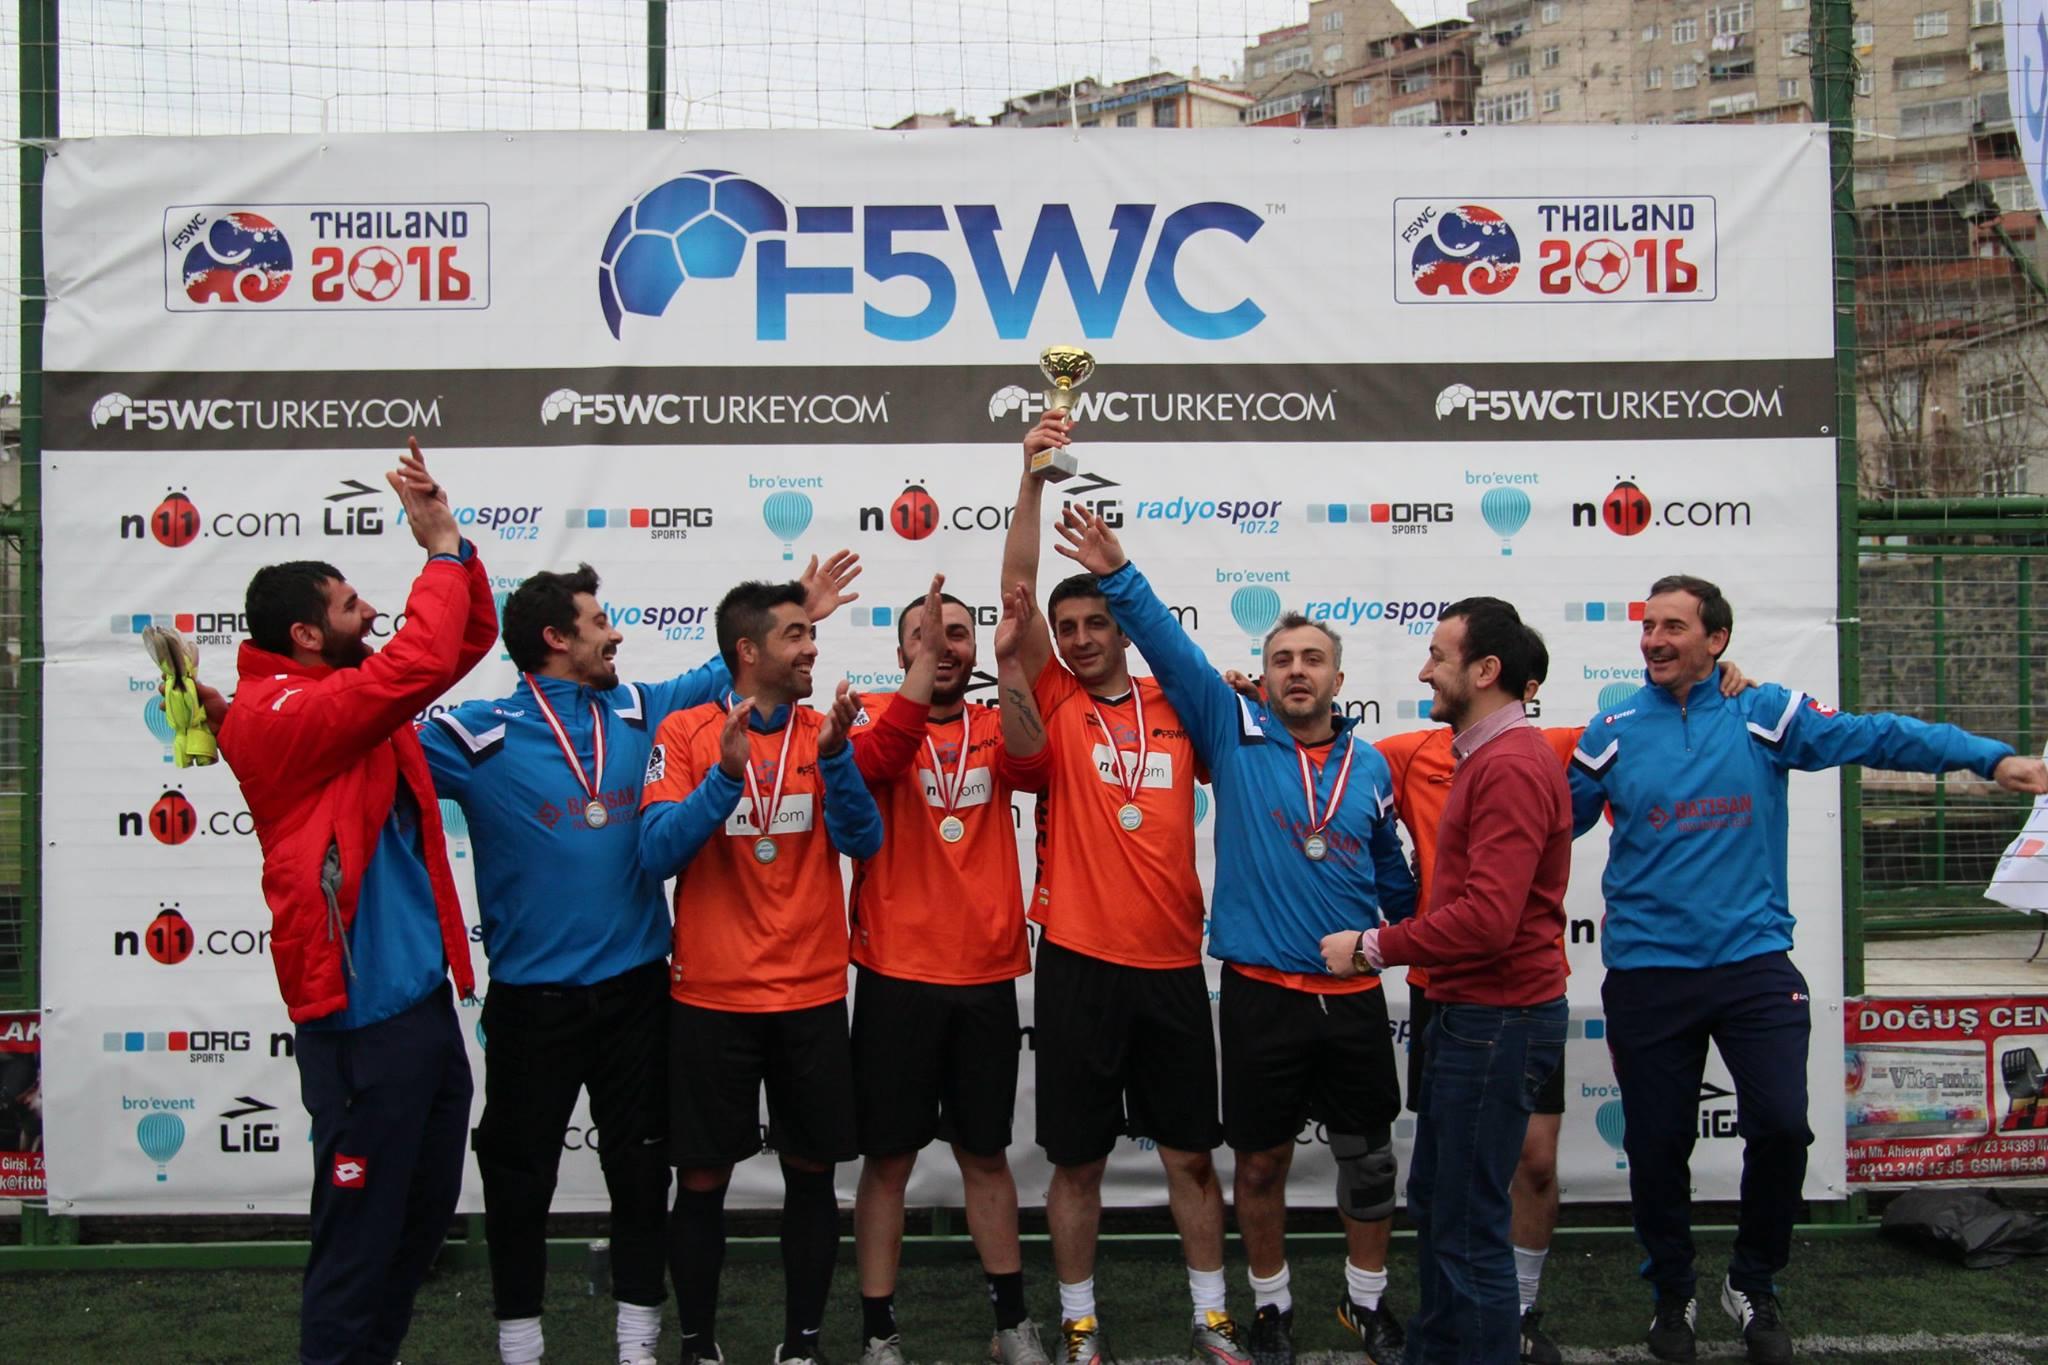 F5WC Türkiye elemeleri şampiyonu belli oldu